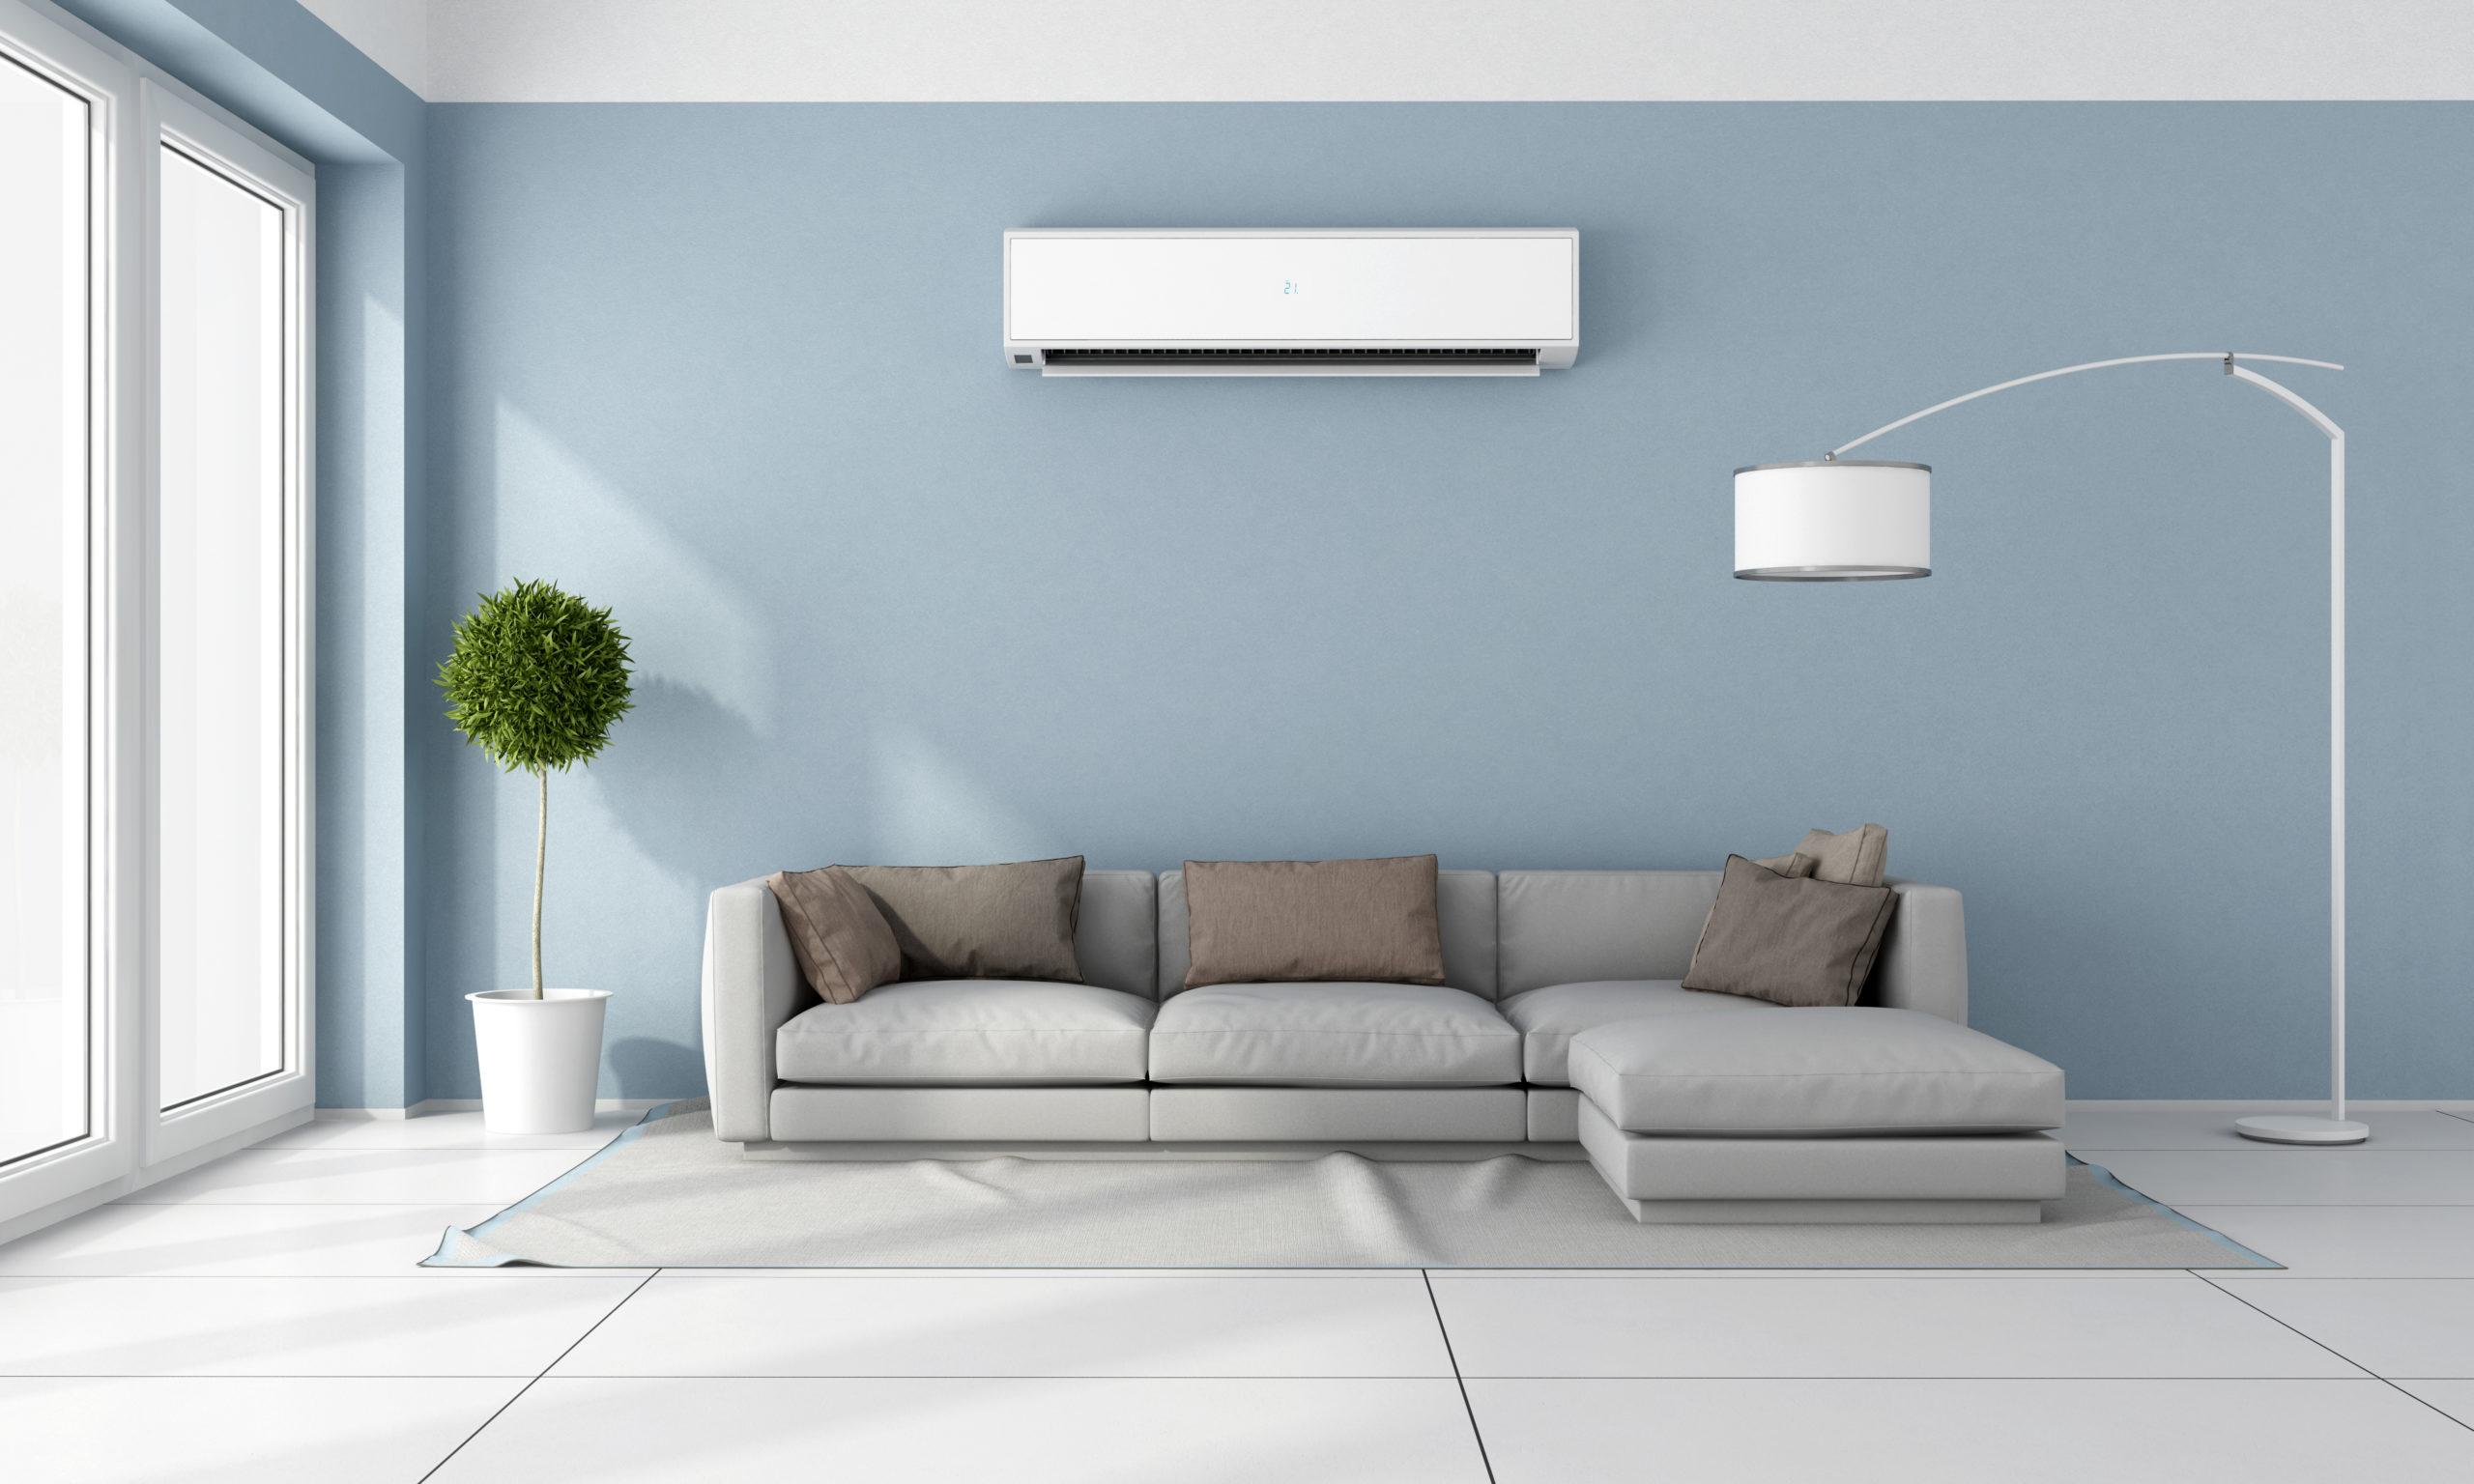 Die Installation und die Anschaffung einer Klimaanlage können viel Geld kosten.